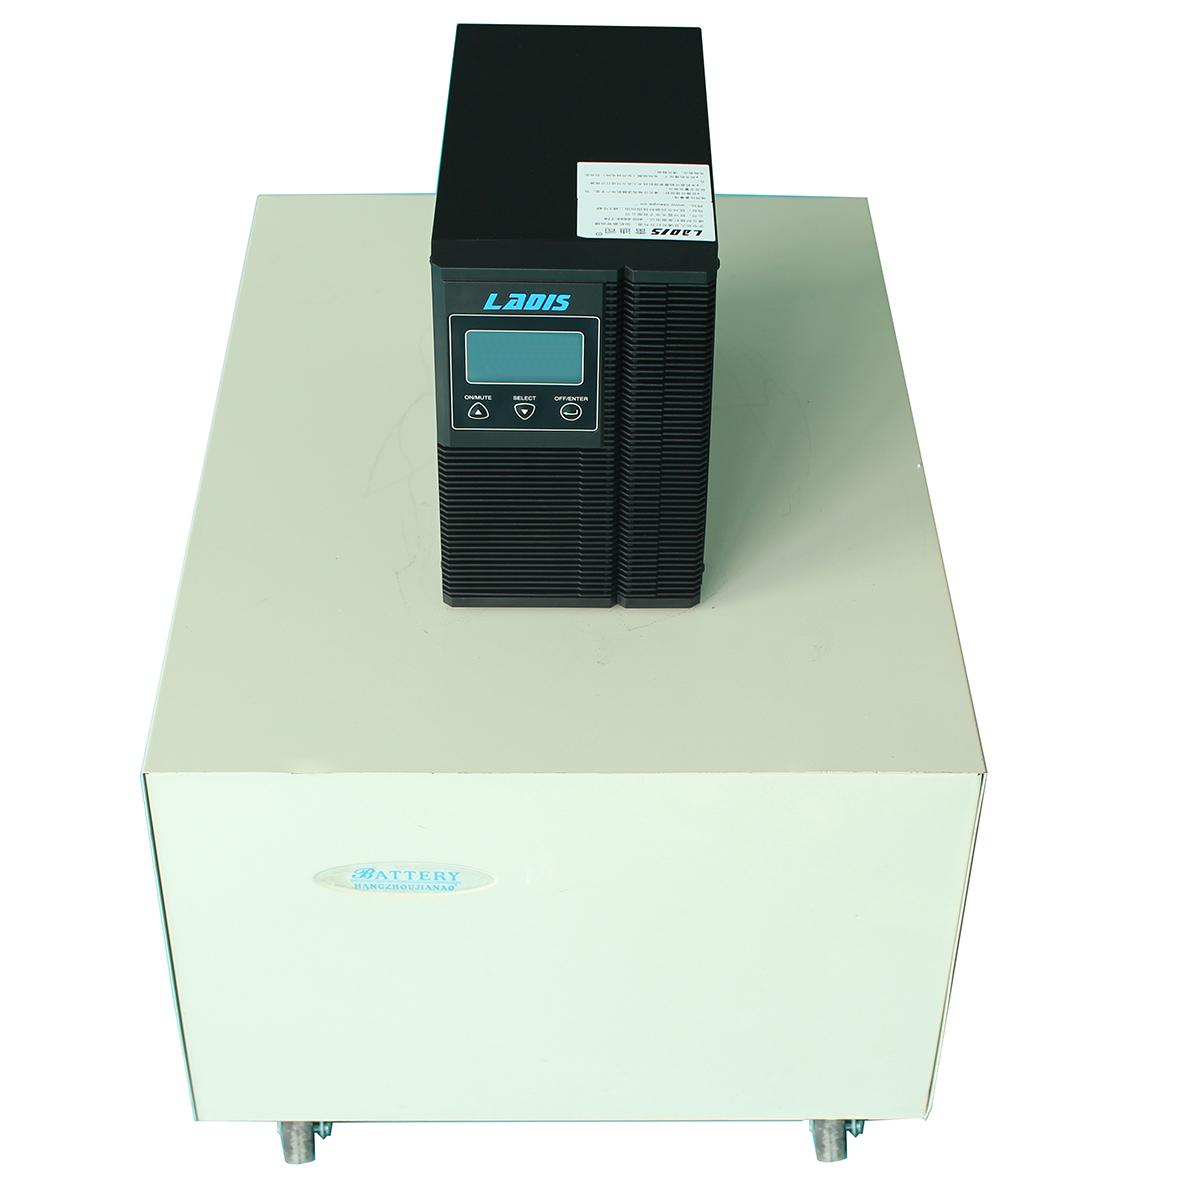 G2KL2KVA Reddy für on - line - ups 1600 watt um eine stunde verlängert 38AH batterie - 6